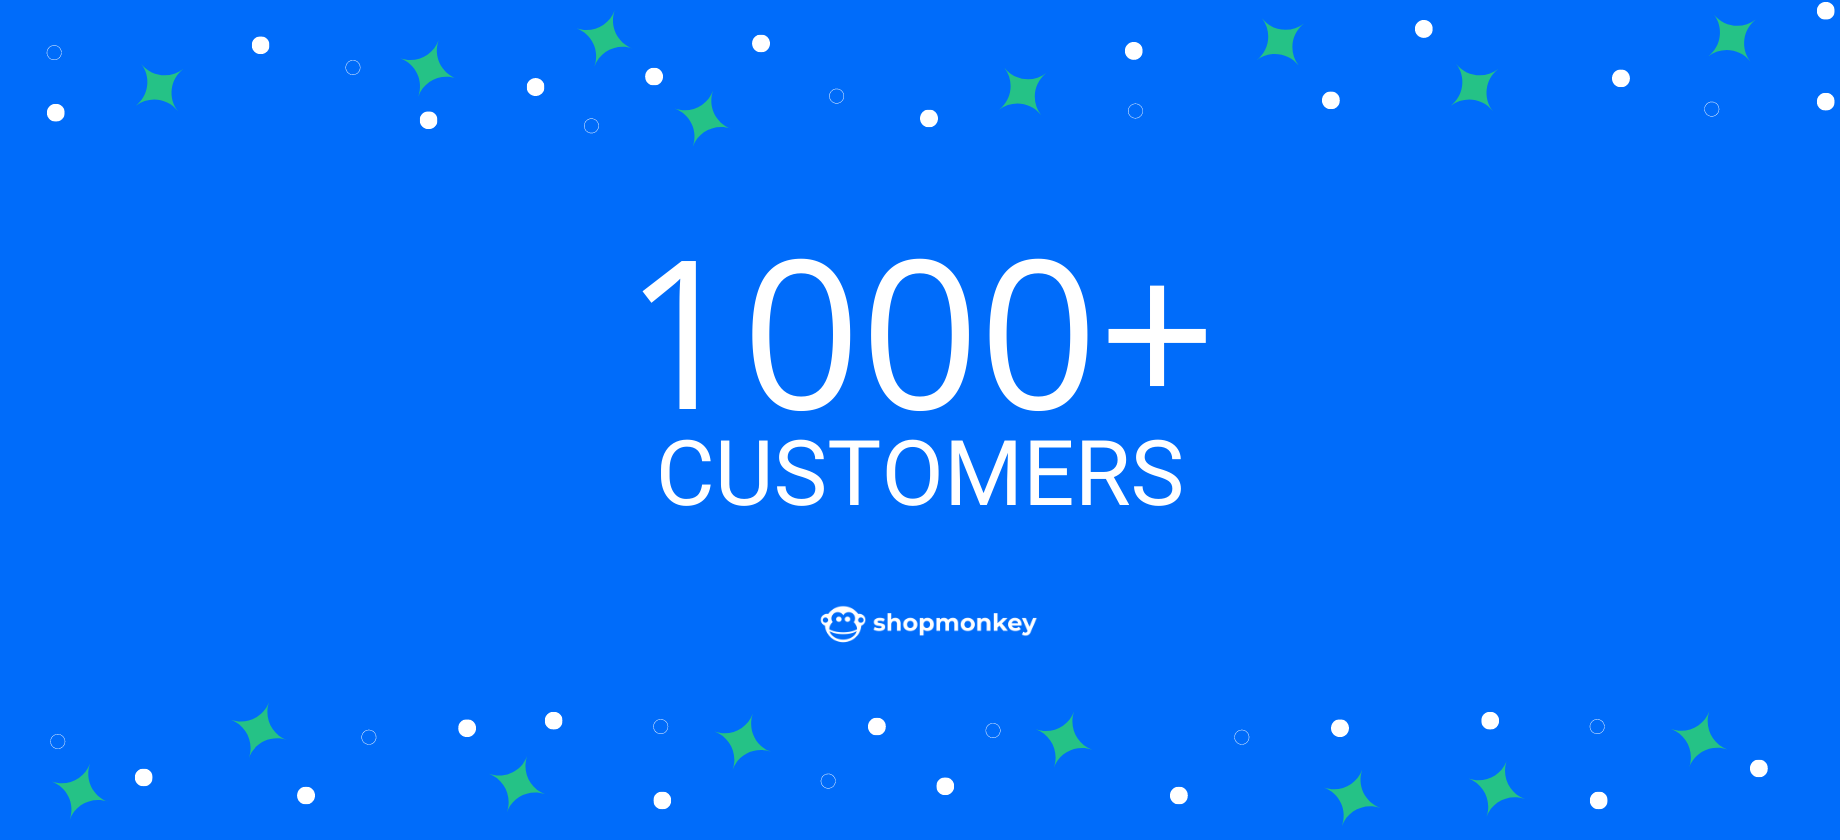 Celebrating Over 1,000 Shopmonkey Customers Article Image